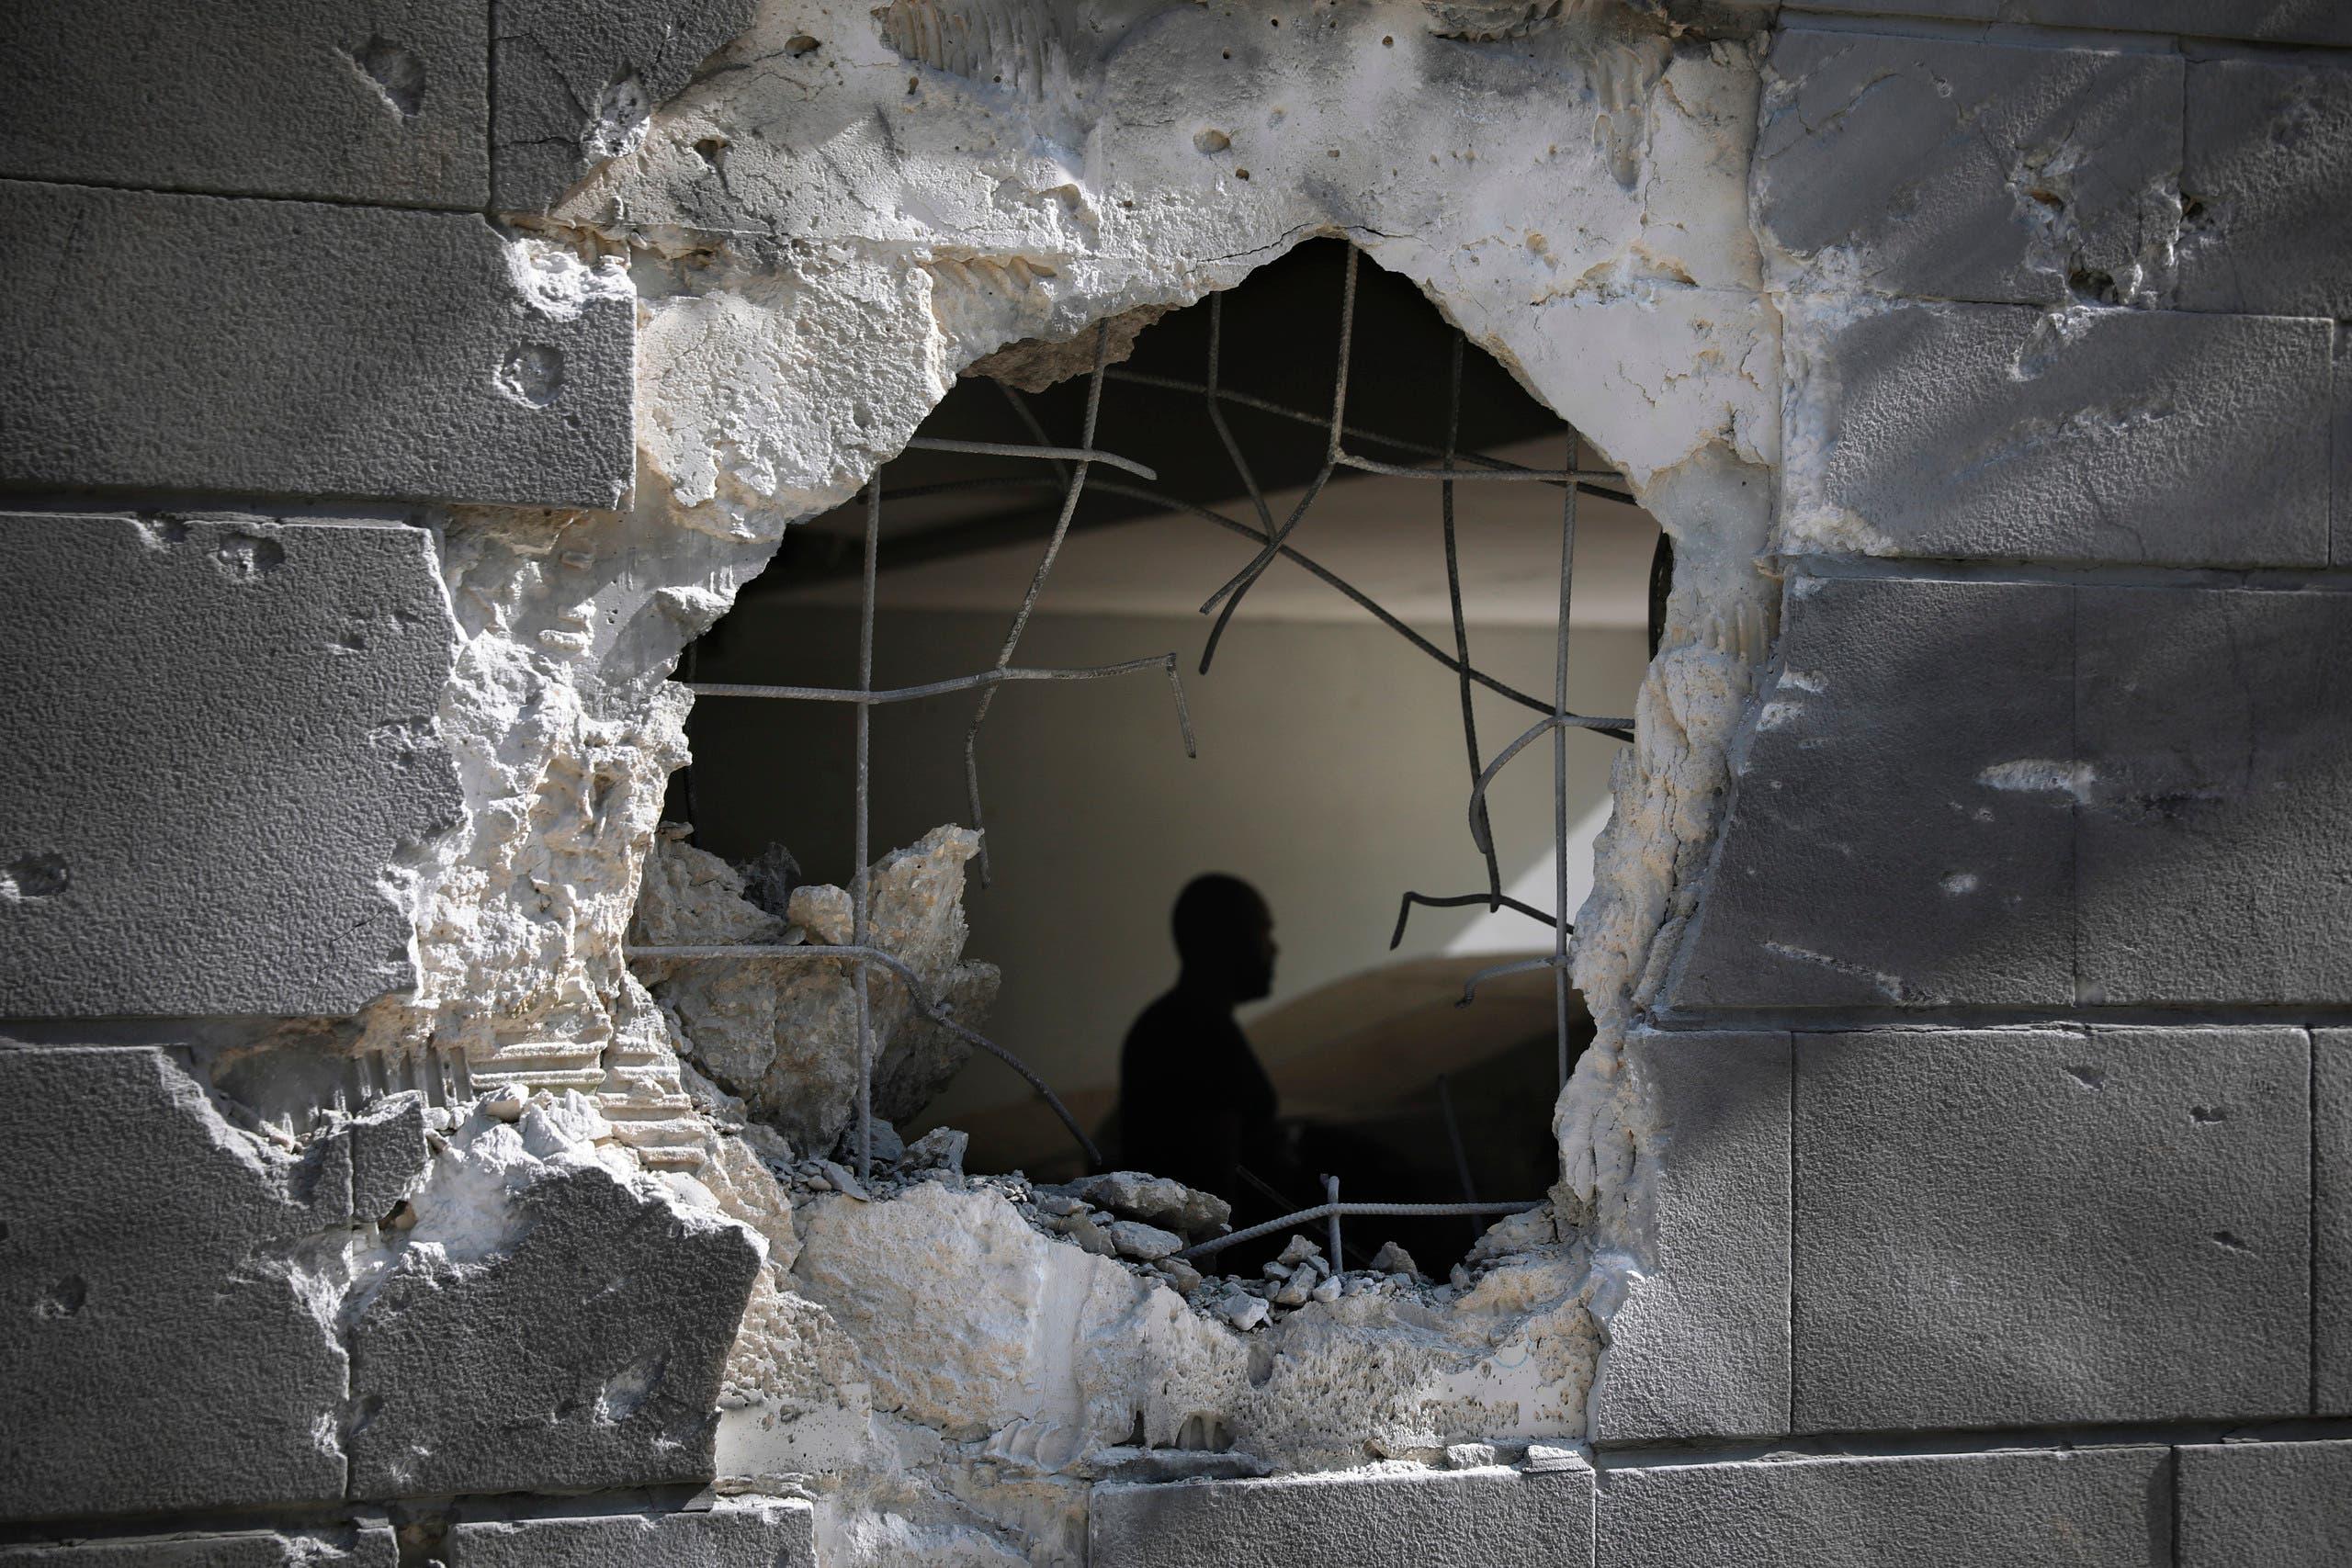 من آثار القصف على غزة (أسوشييتد برس)